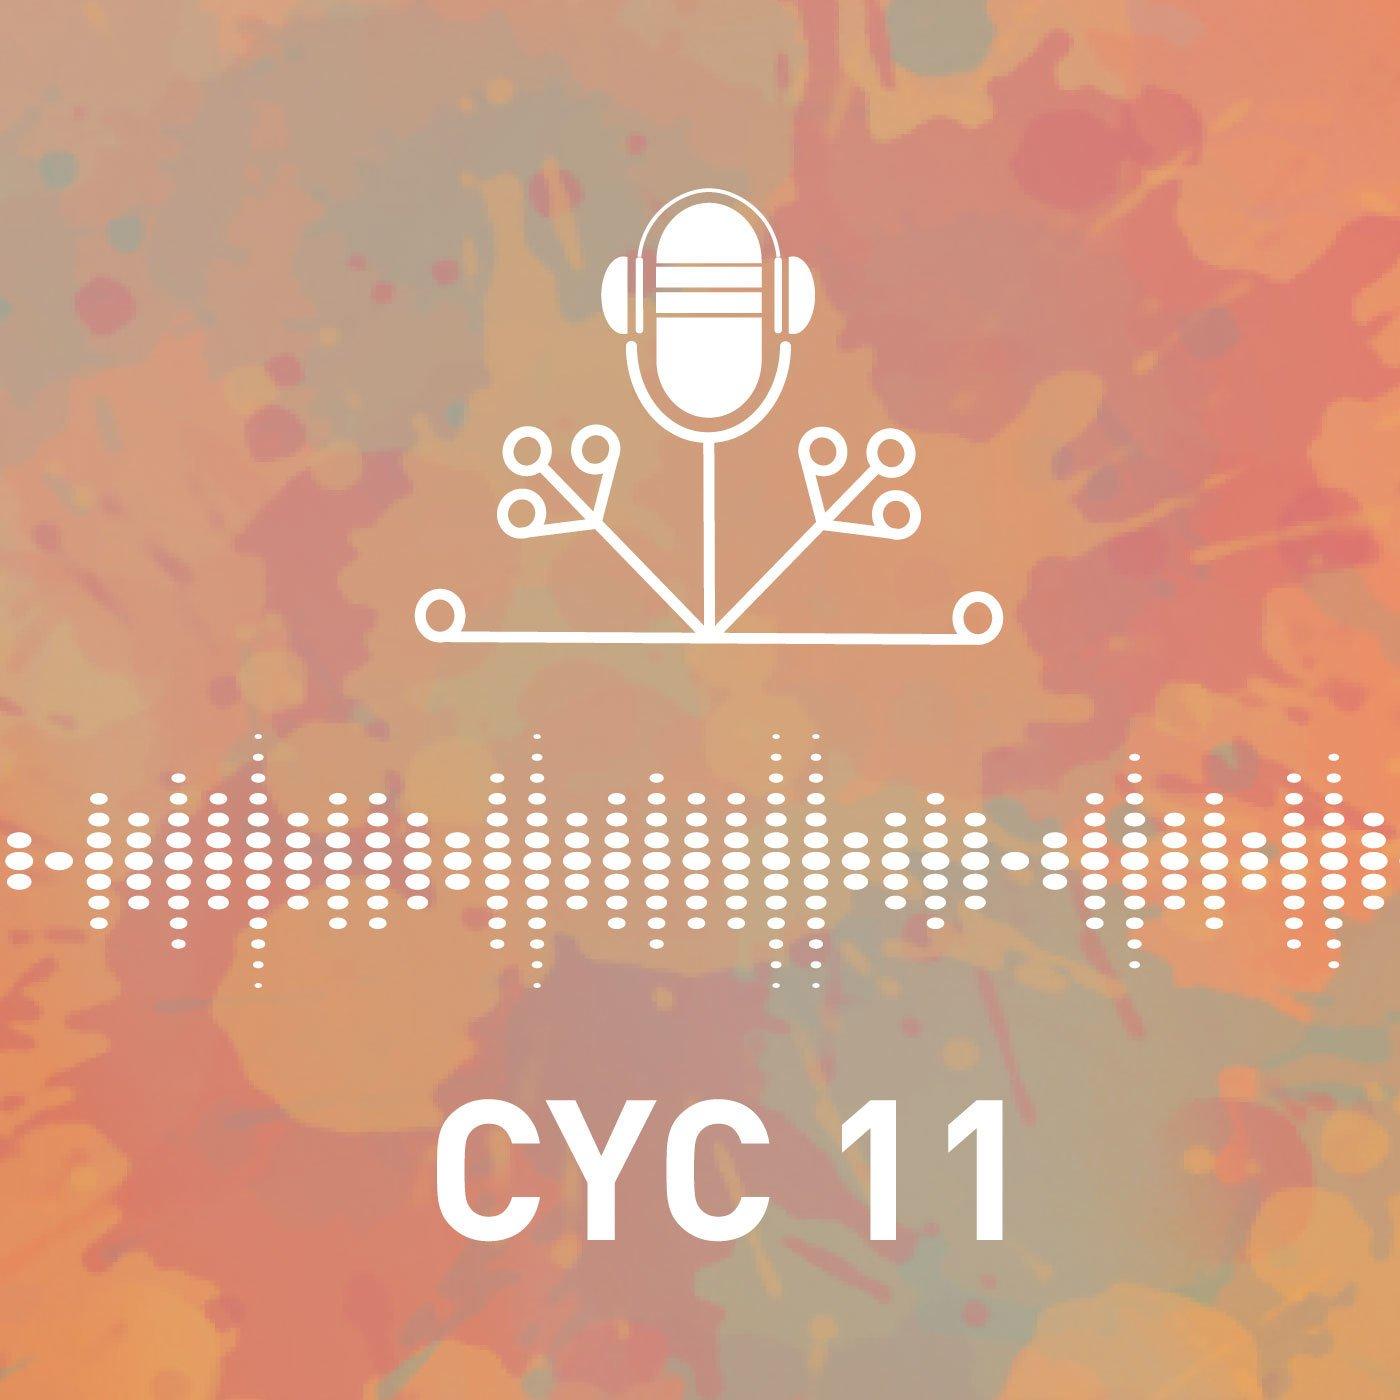 cyc 11